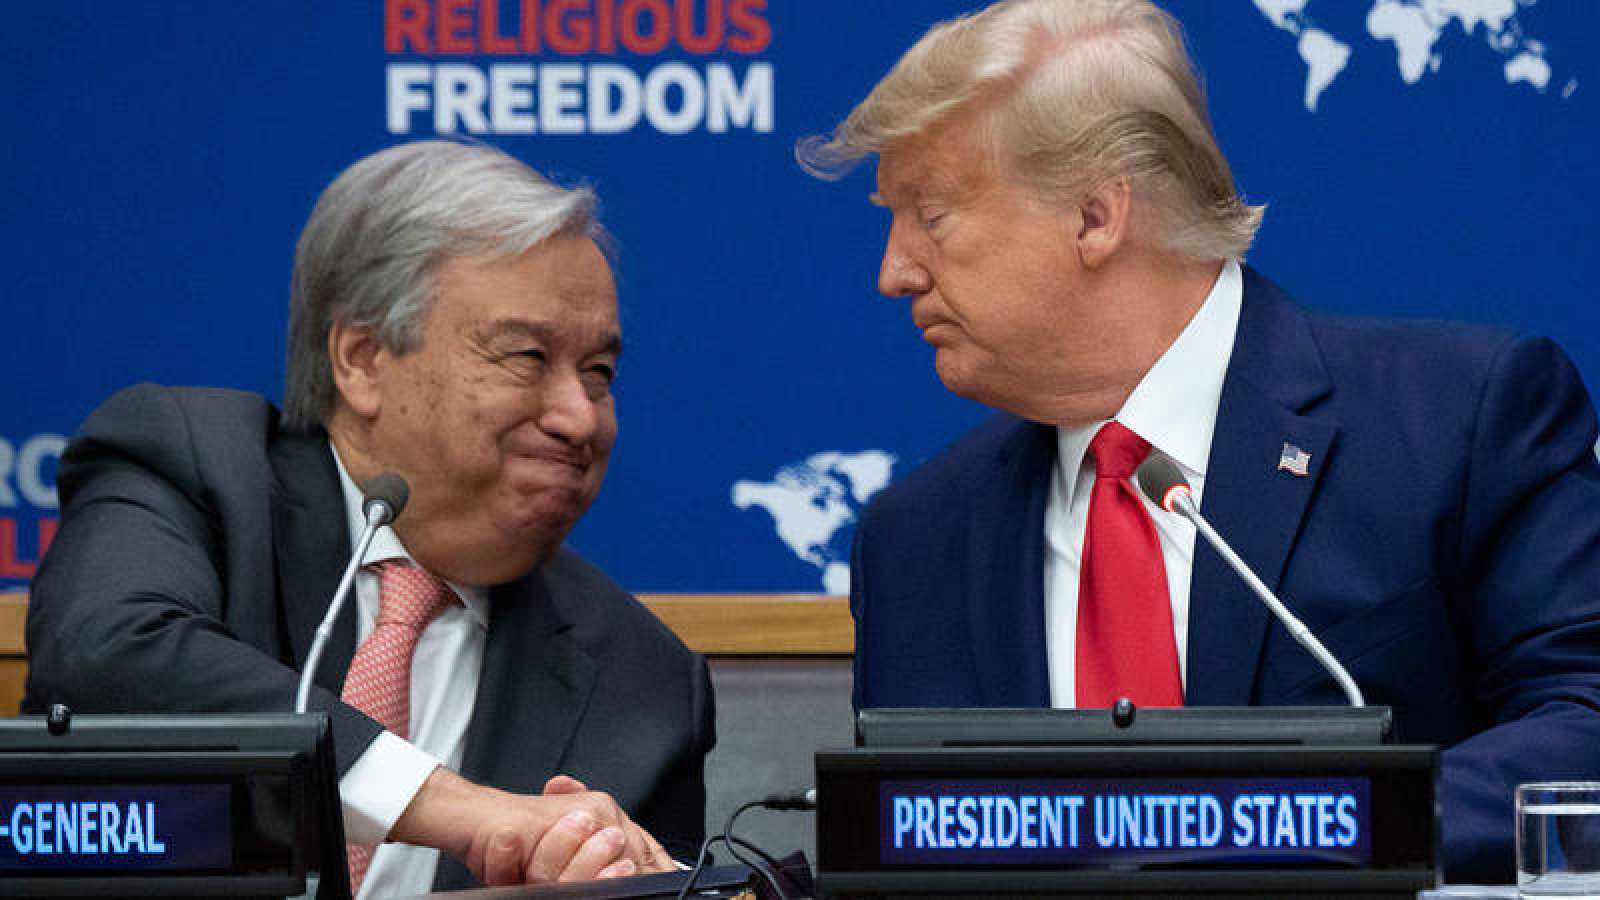 El secretario general de la ONU, Antonio Guterres, saluda al presidente de EE.UU., Donald Trump.